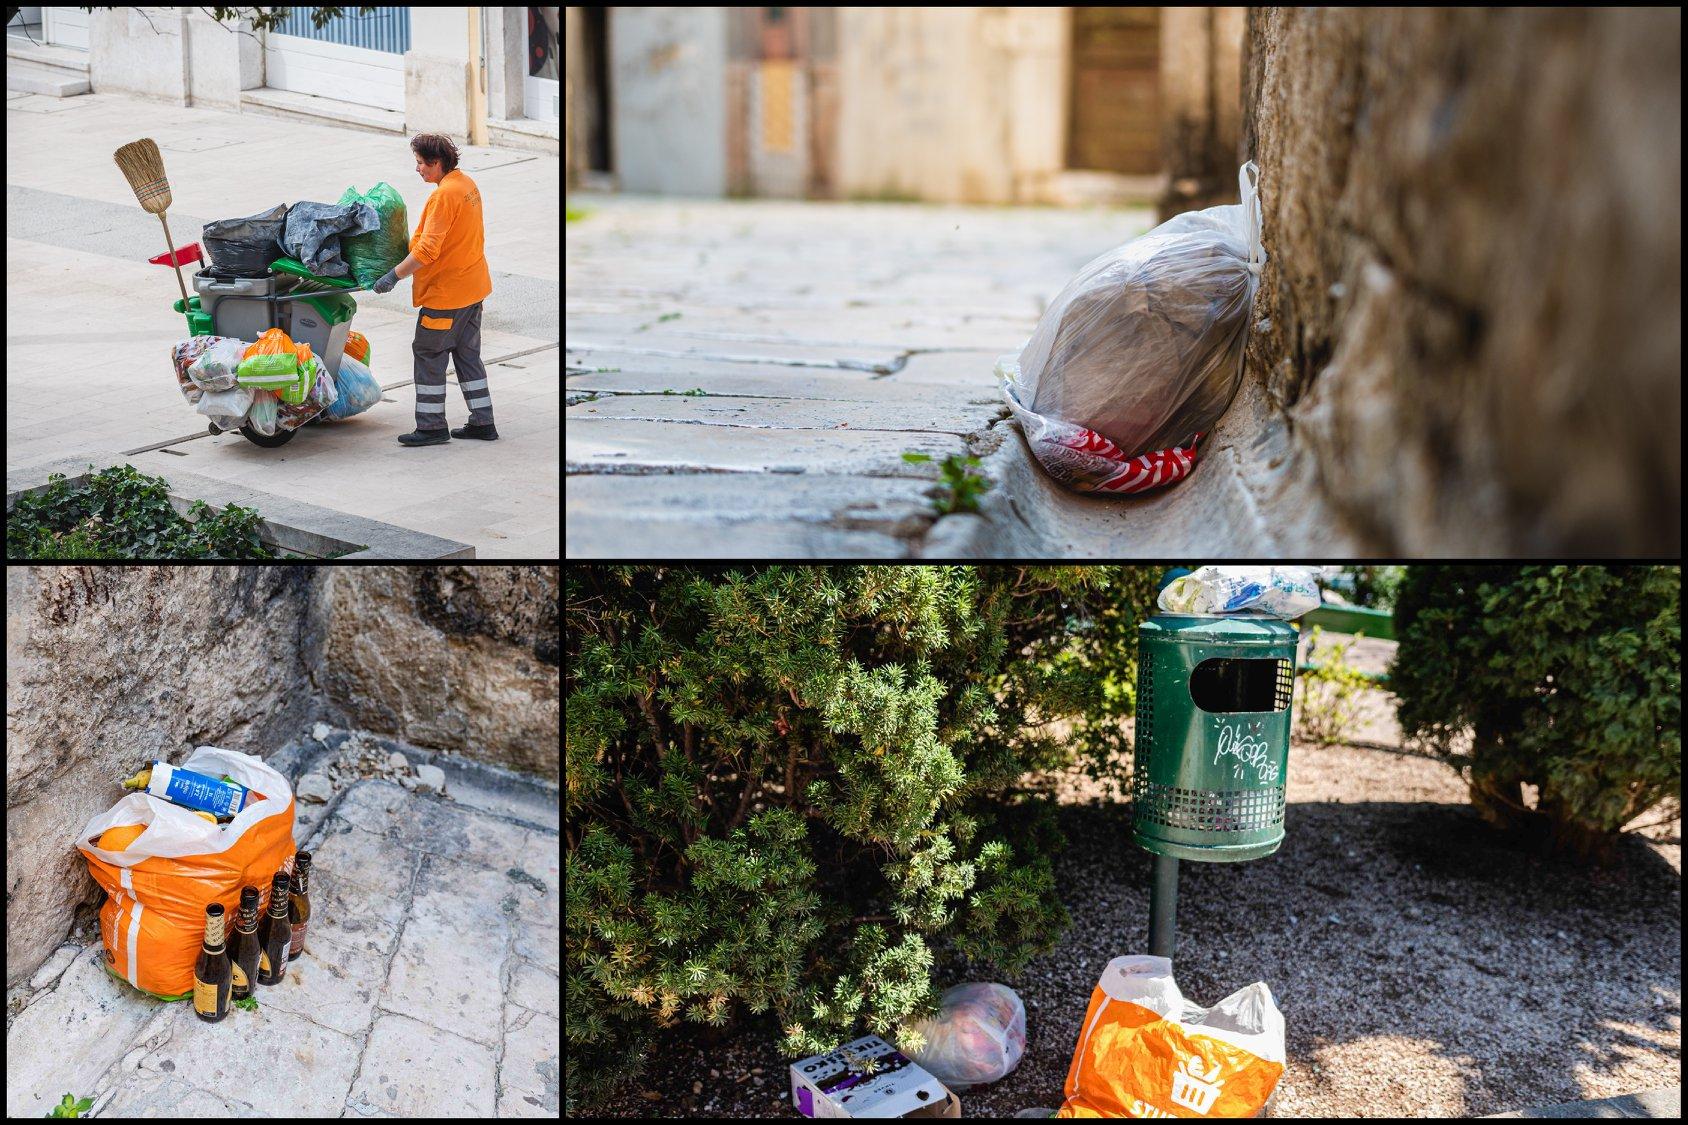 Kako rješiti problem ostavljanja smeća po staroj gradskoj jezgri?